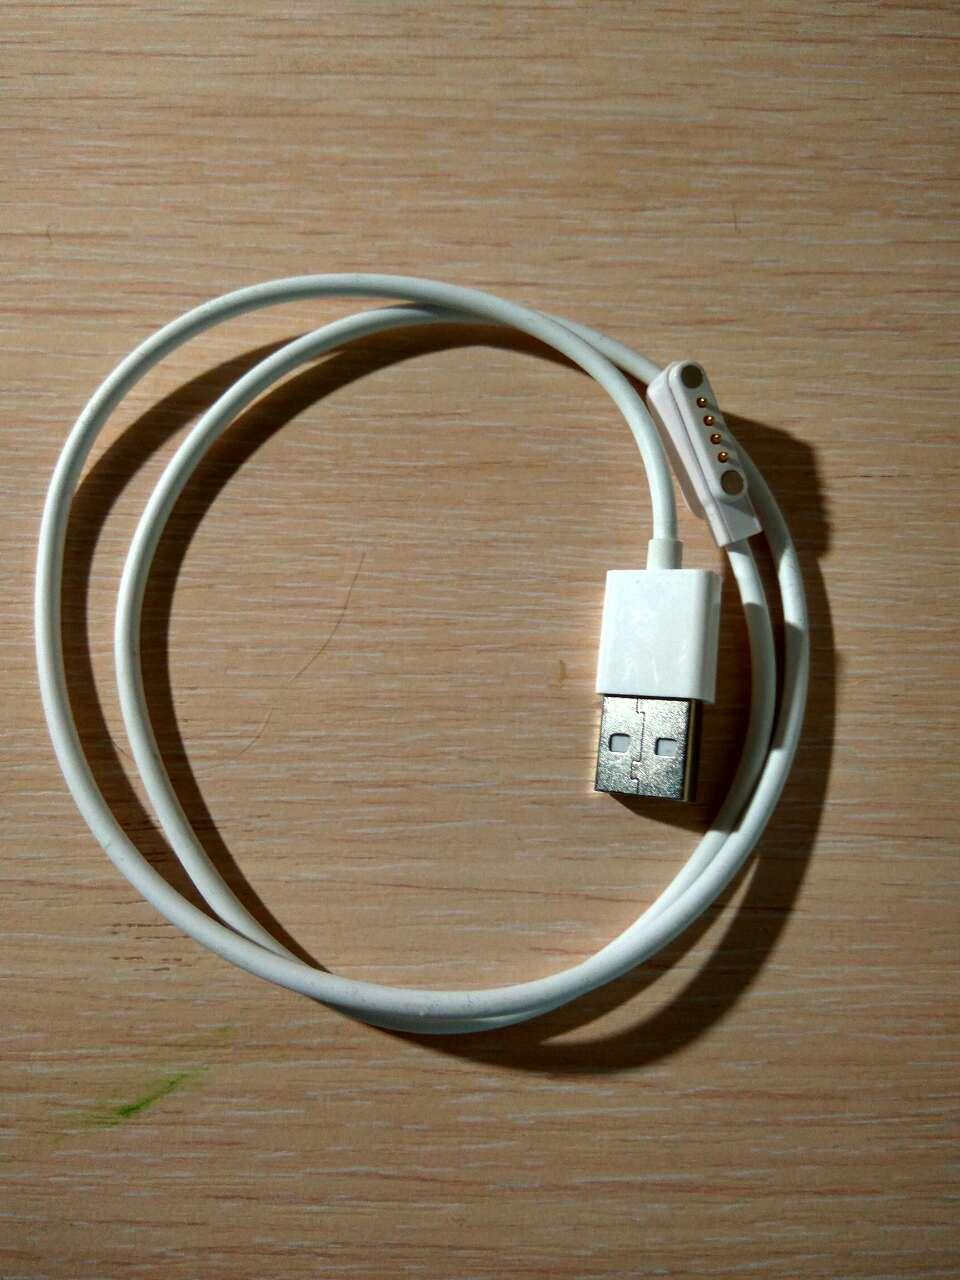 Chargeur câble pour kw88 kw18 q100 q750 smart watch chargeur câble pour kw88 kw18 q100 q750